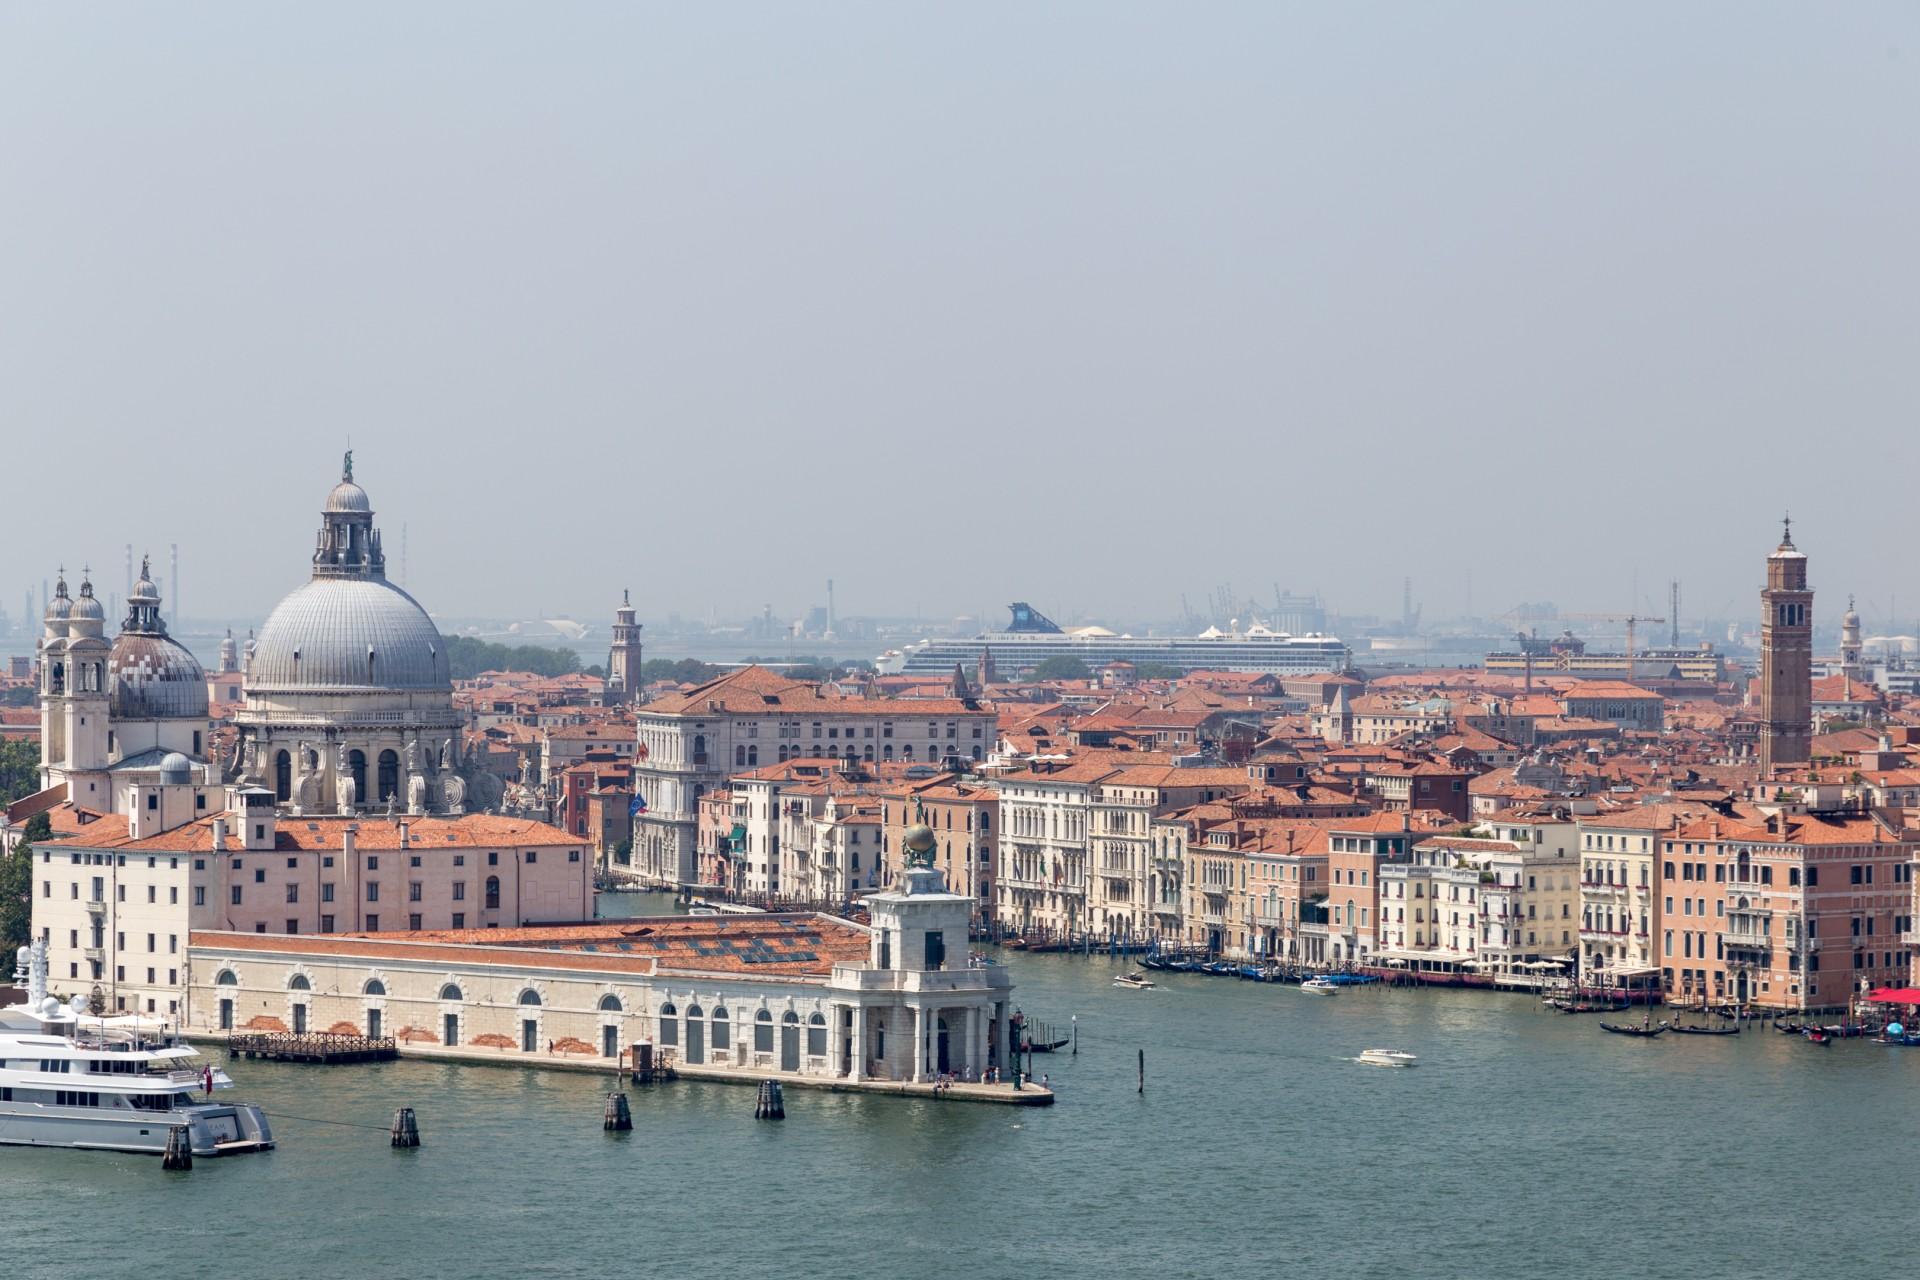 La Salute Venedig von San Giorgio Maggiore aus gesehen